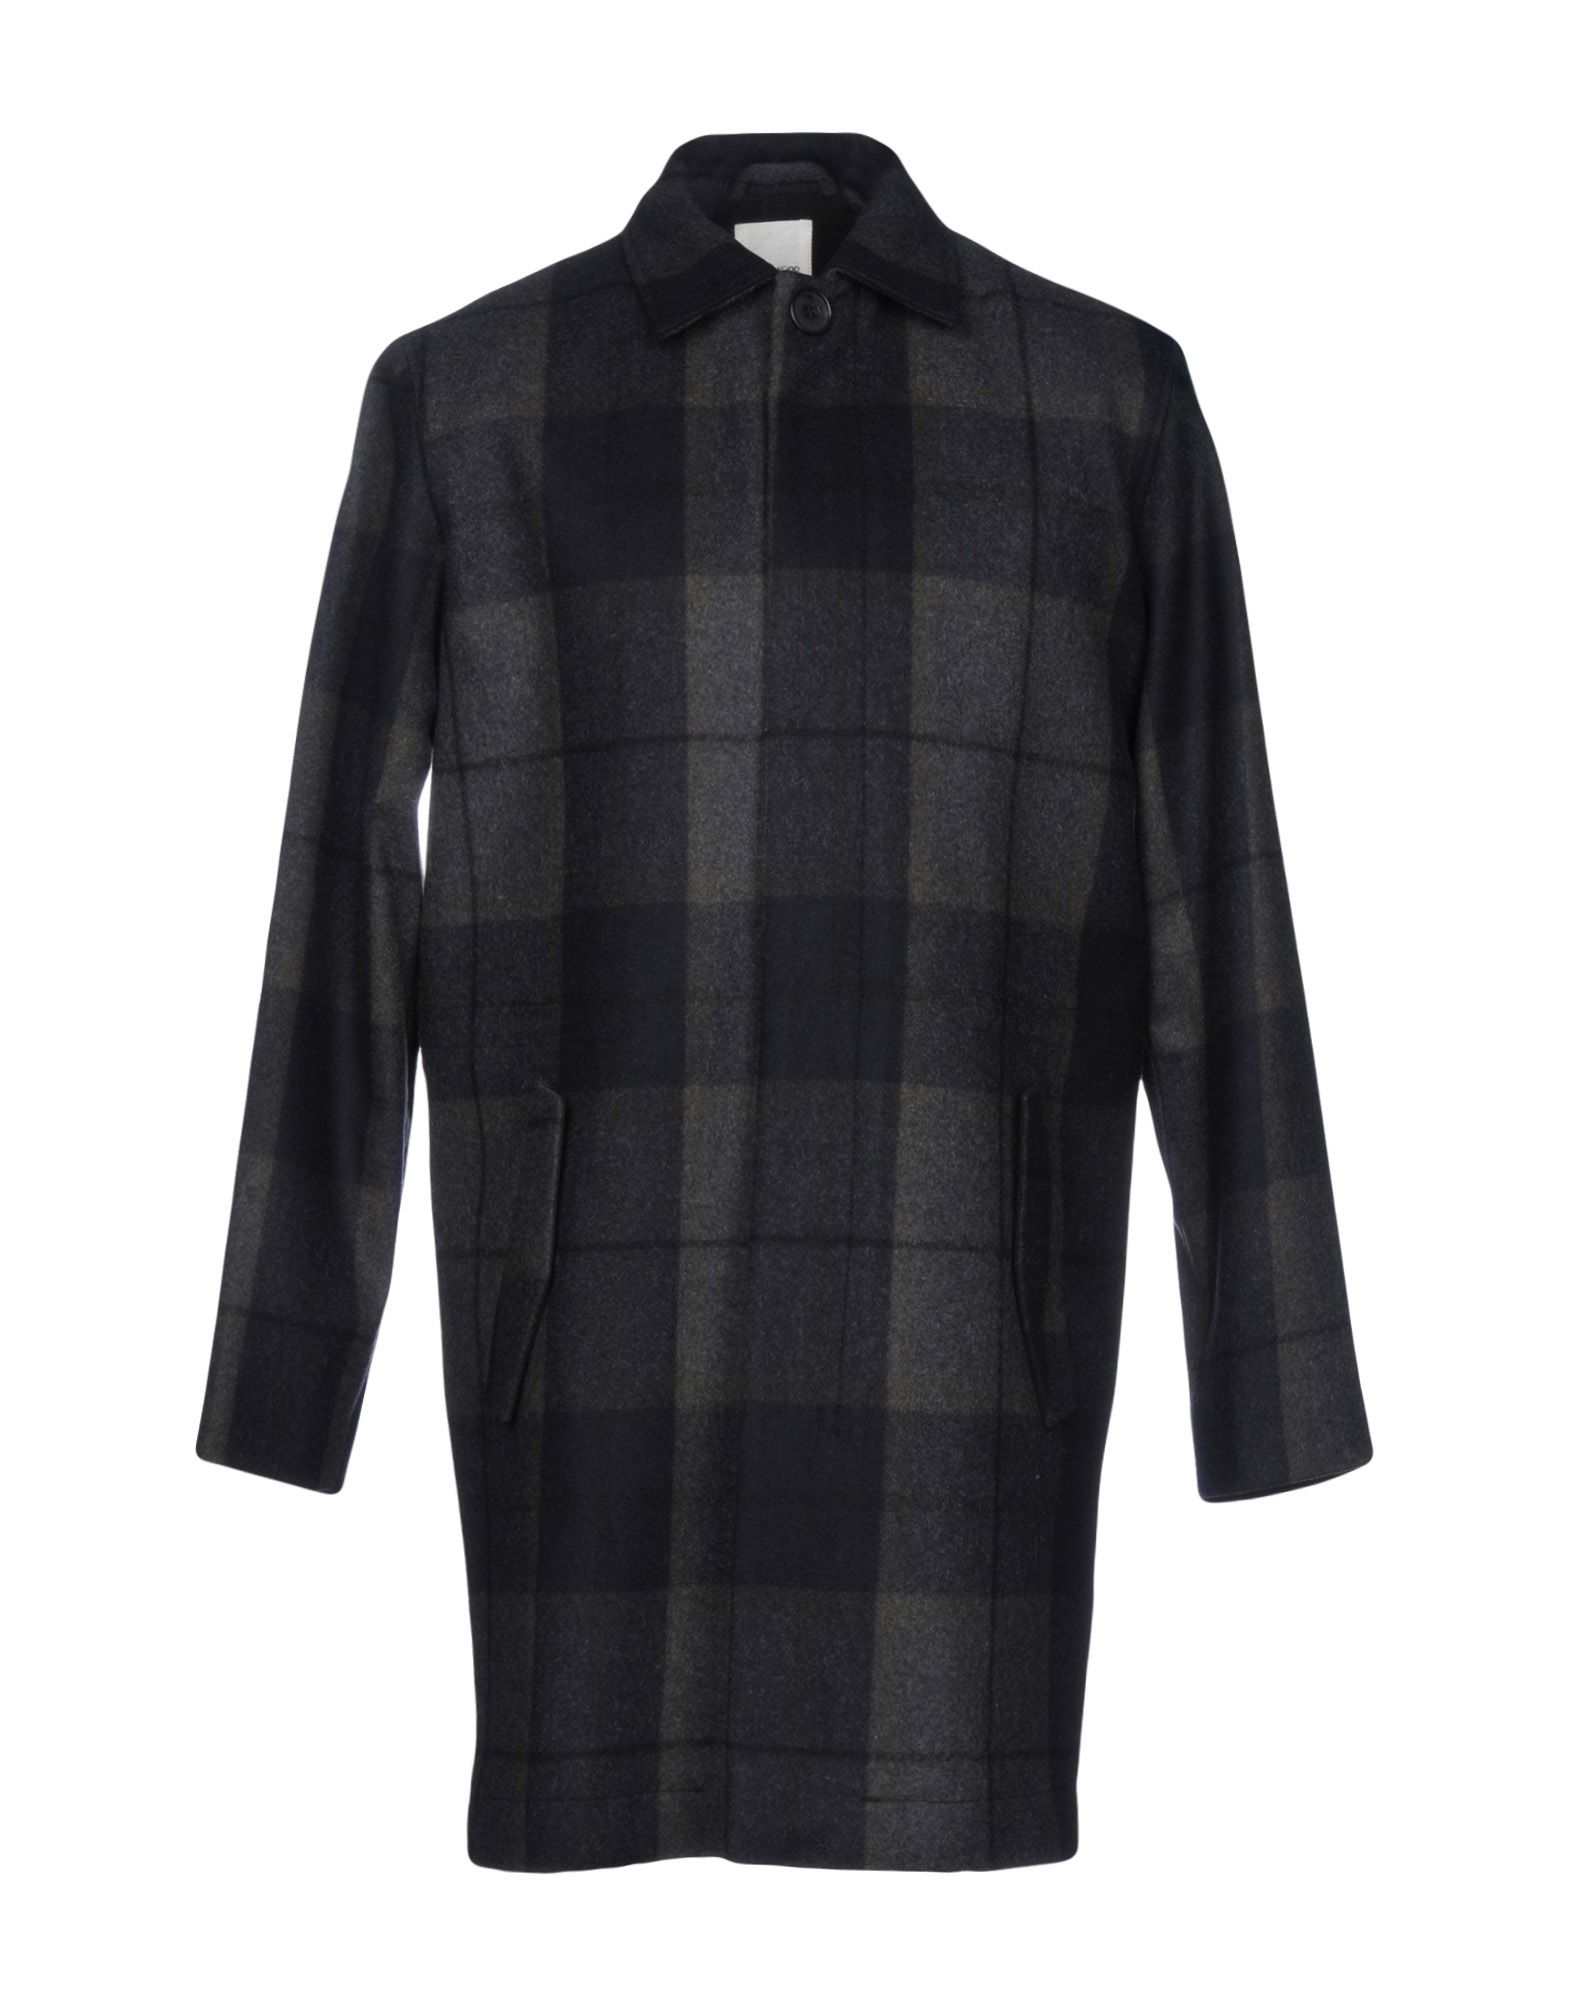 WOOD WOOD Пальто wood wood джинсовая верхняя одежда